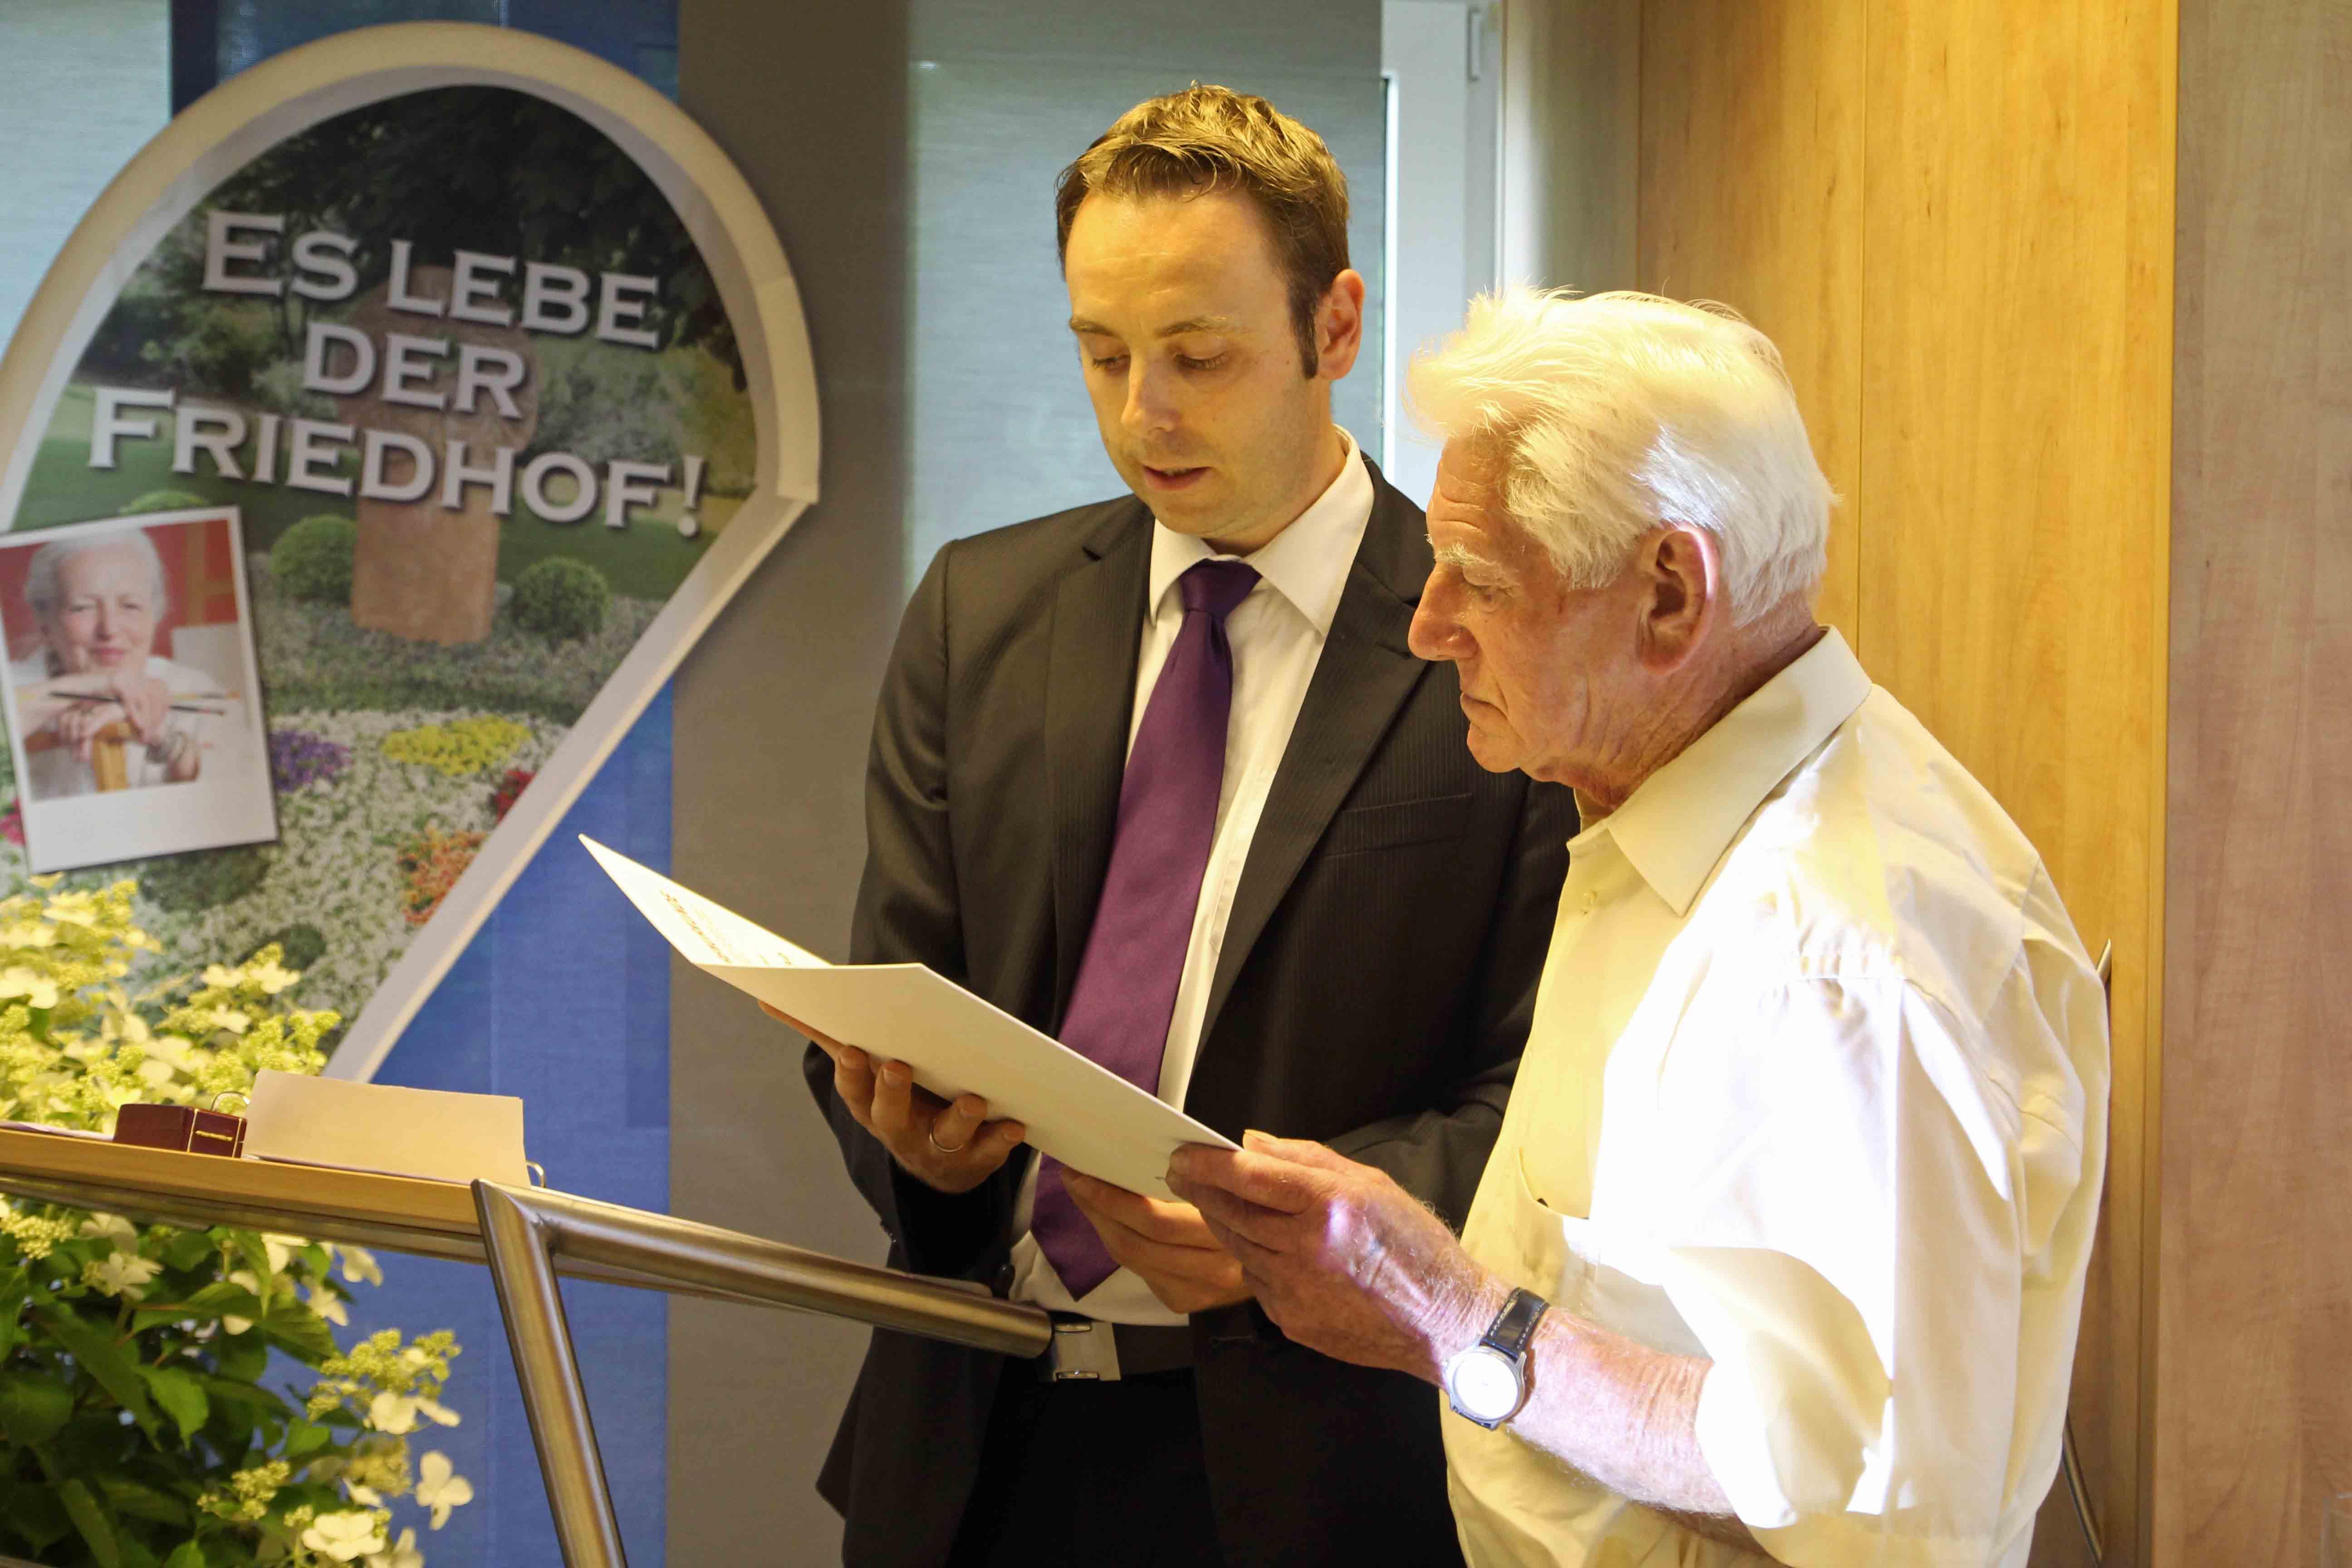 Verleihung der Golenen Ehrennadel - Christoph Gottwald vom RWGV und Günther Simon